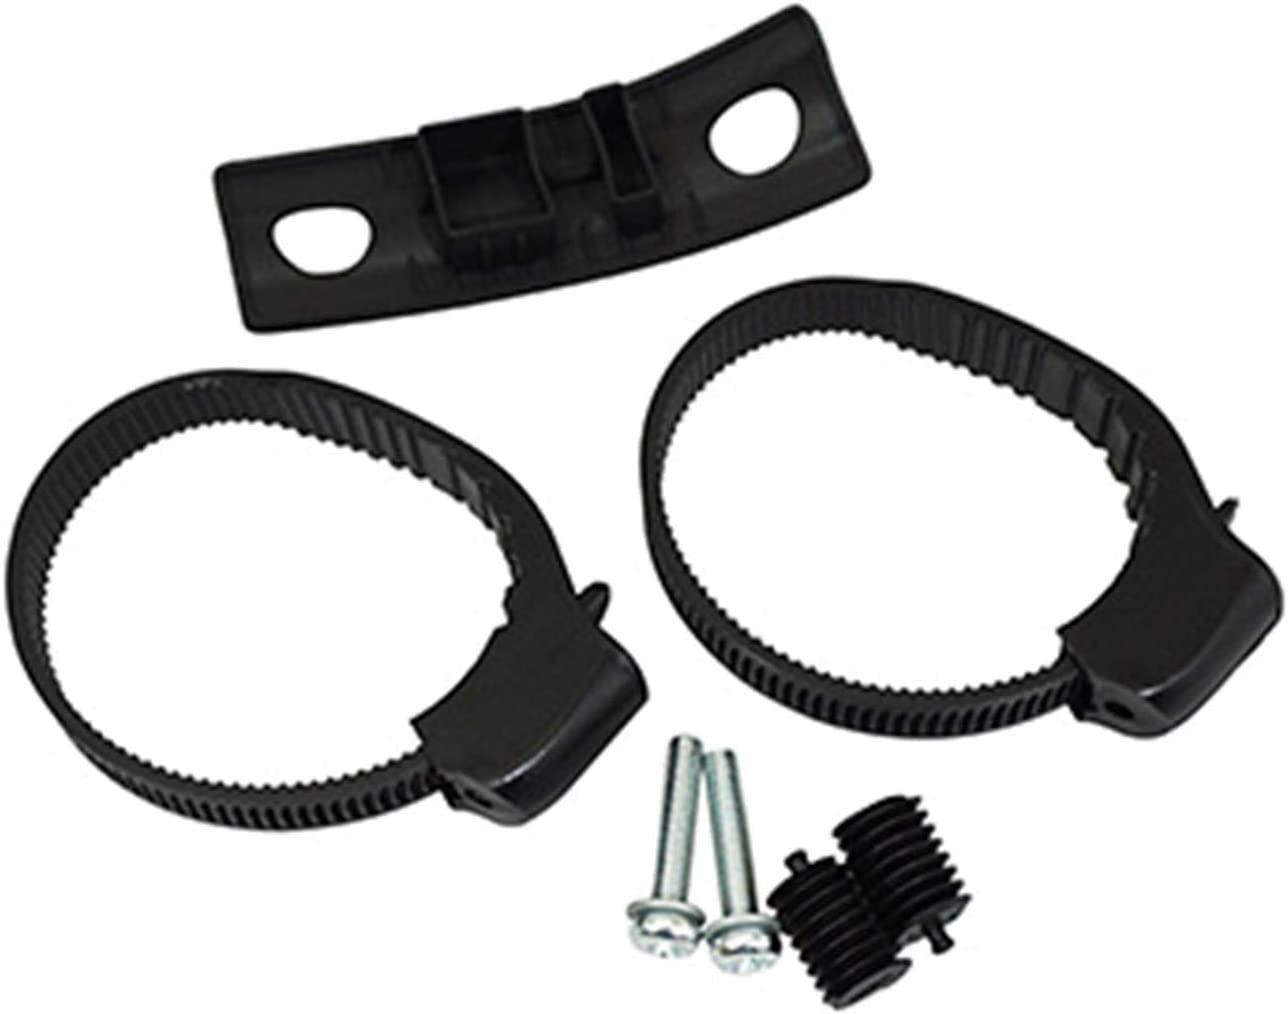 85 Color Negro Candado Plegable FS 380 Trigo Trelock Unisex